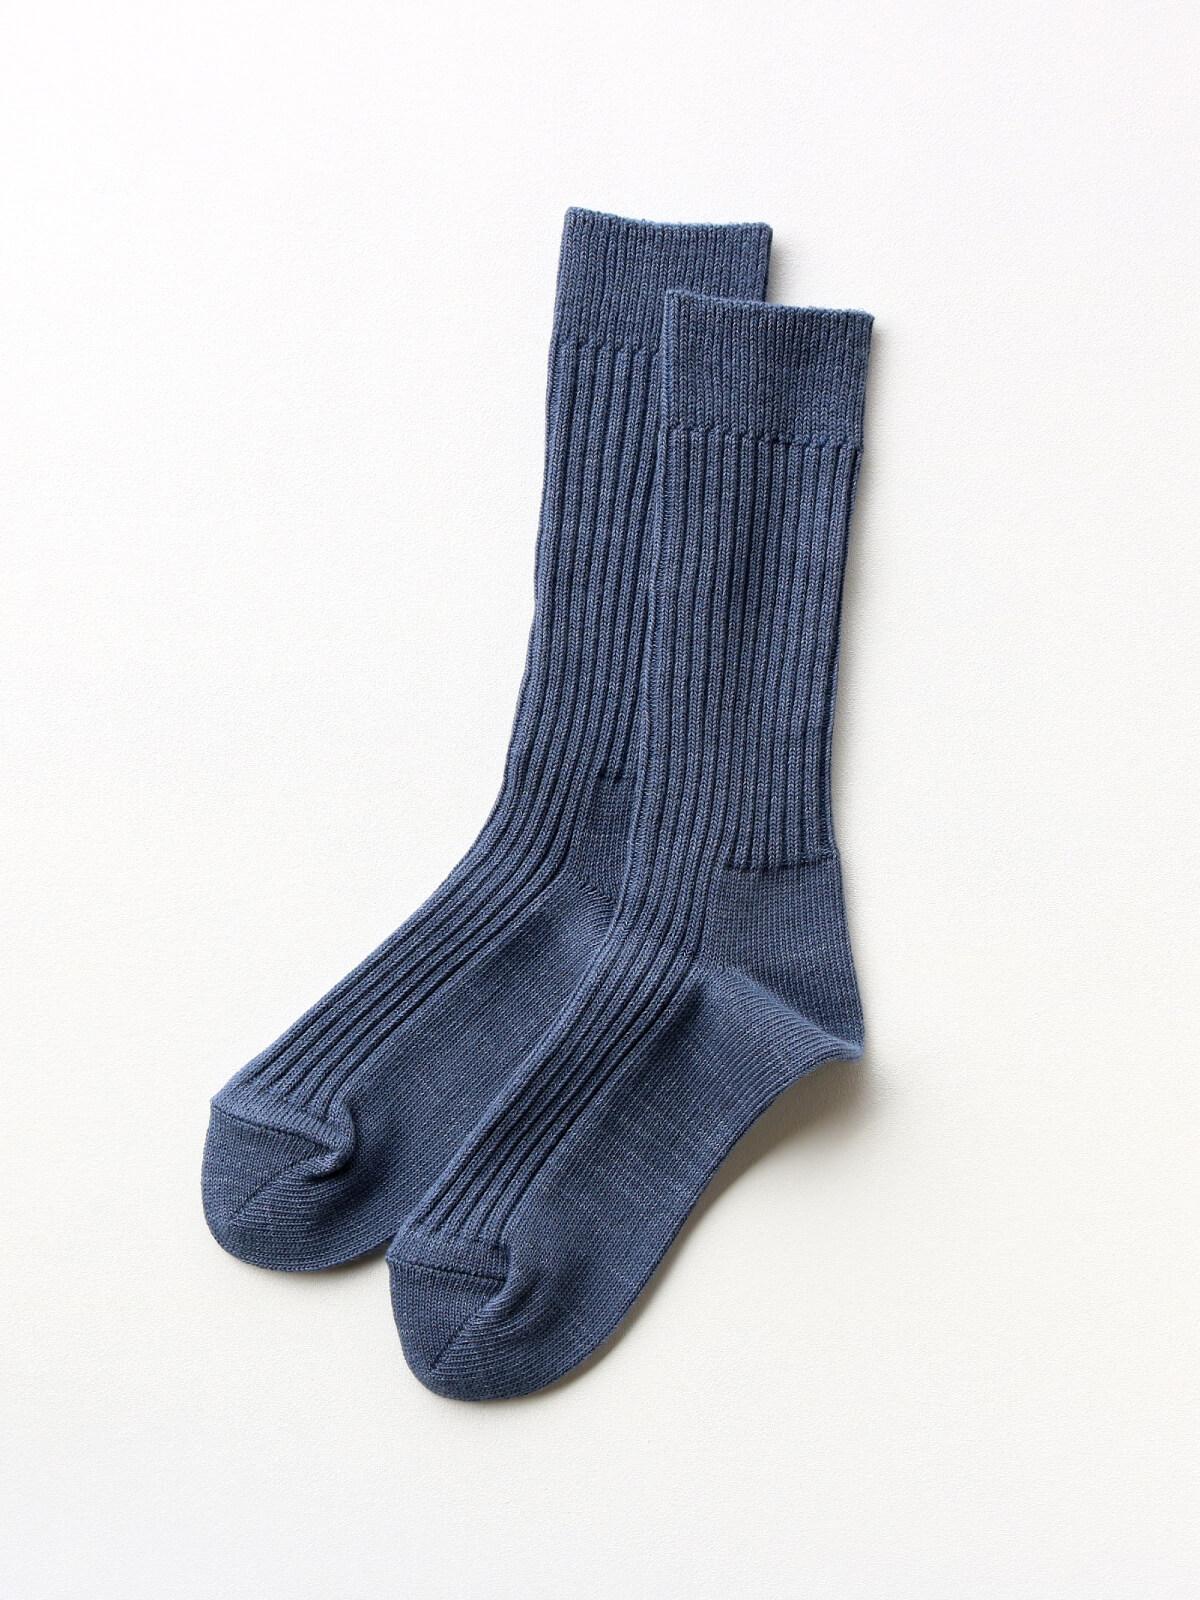 当たりつきギフト専用靴下のLUCKY SOCKS(ラッキーソックス)のSmooth Rib Socks(スムースリブソックス)のインディゴ_2